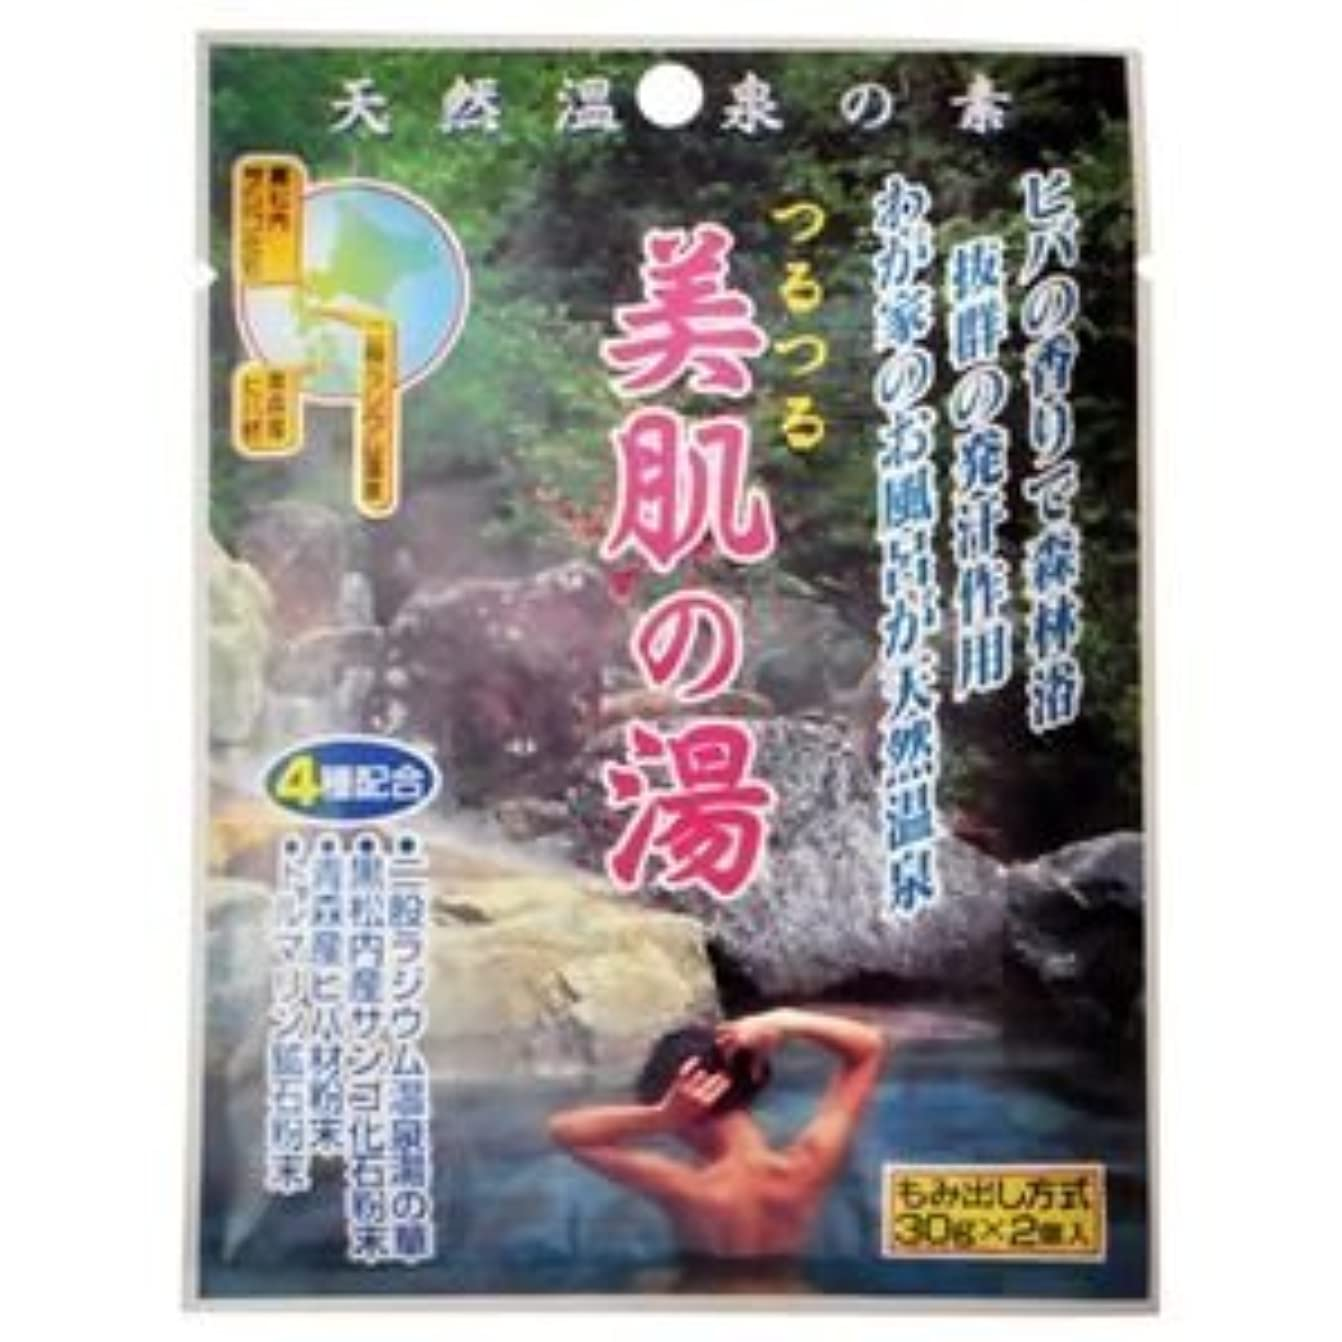 ゆりかご信仰天然温泉の素 つるつる美肌の湯 30g×2個入(入浴剤) (10個セット)